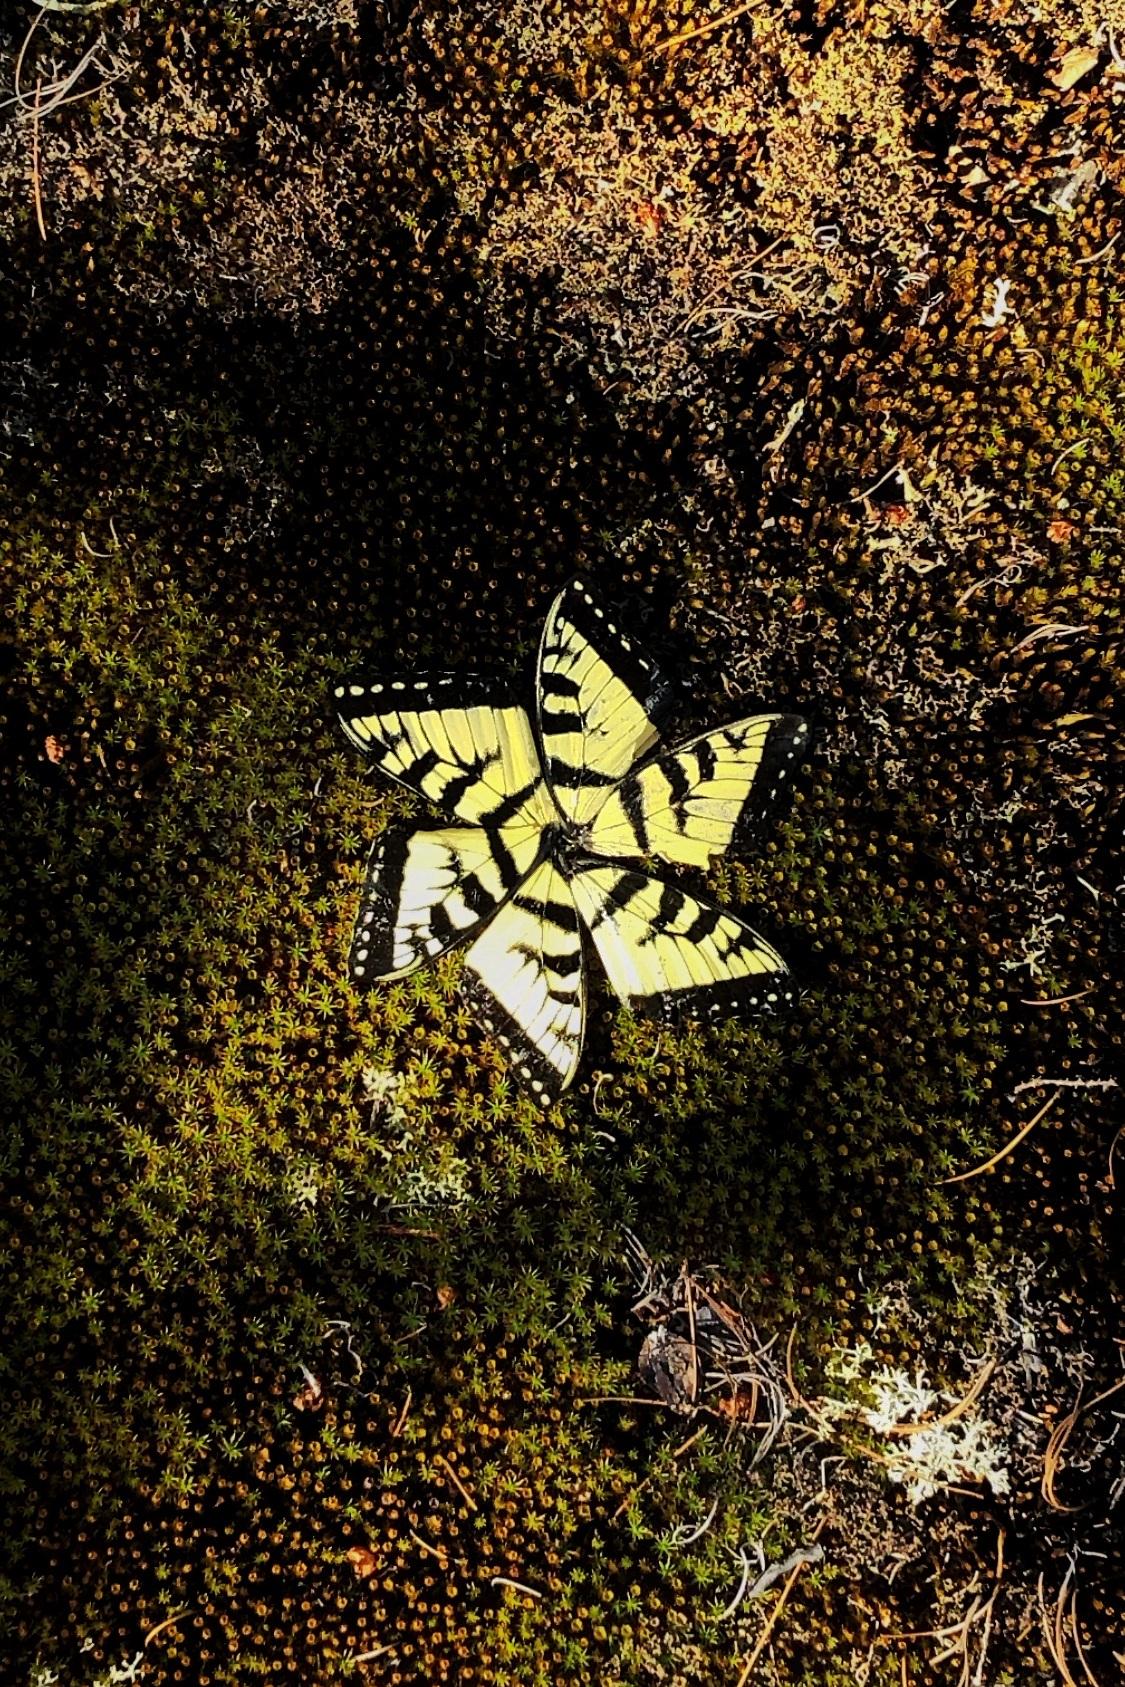 Butterfly Wings on Moss - $120